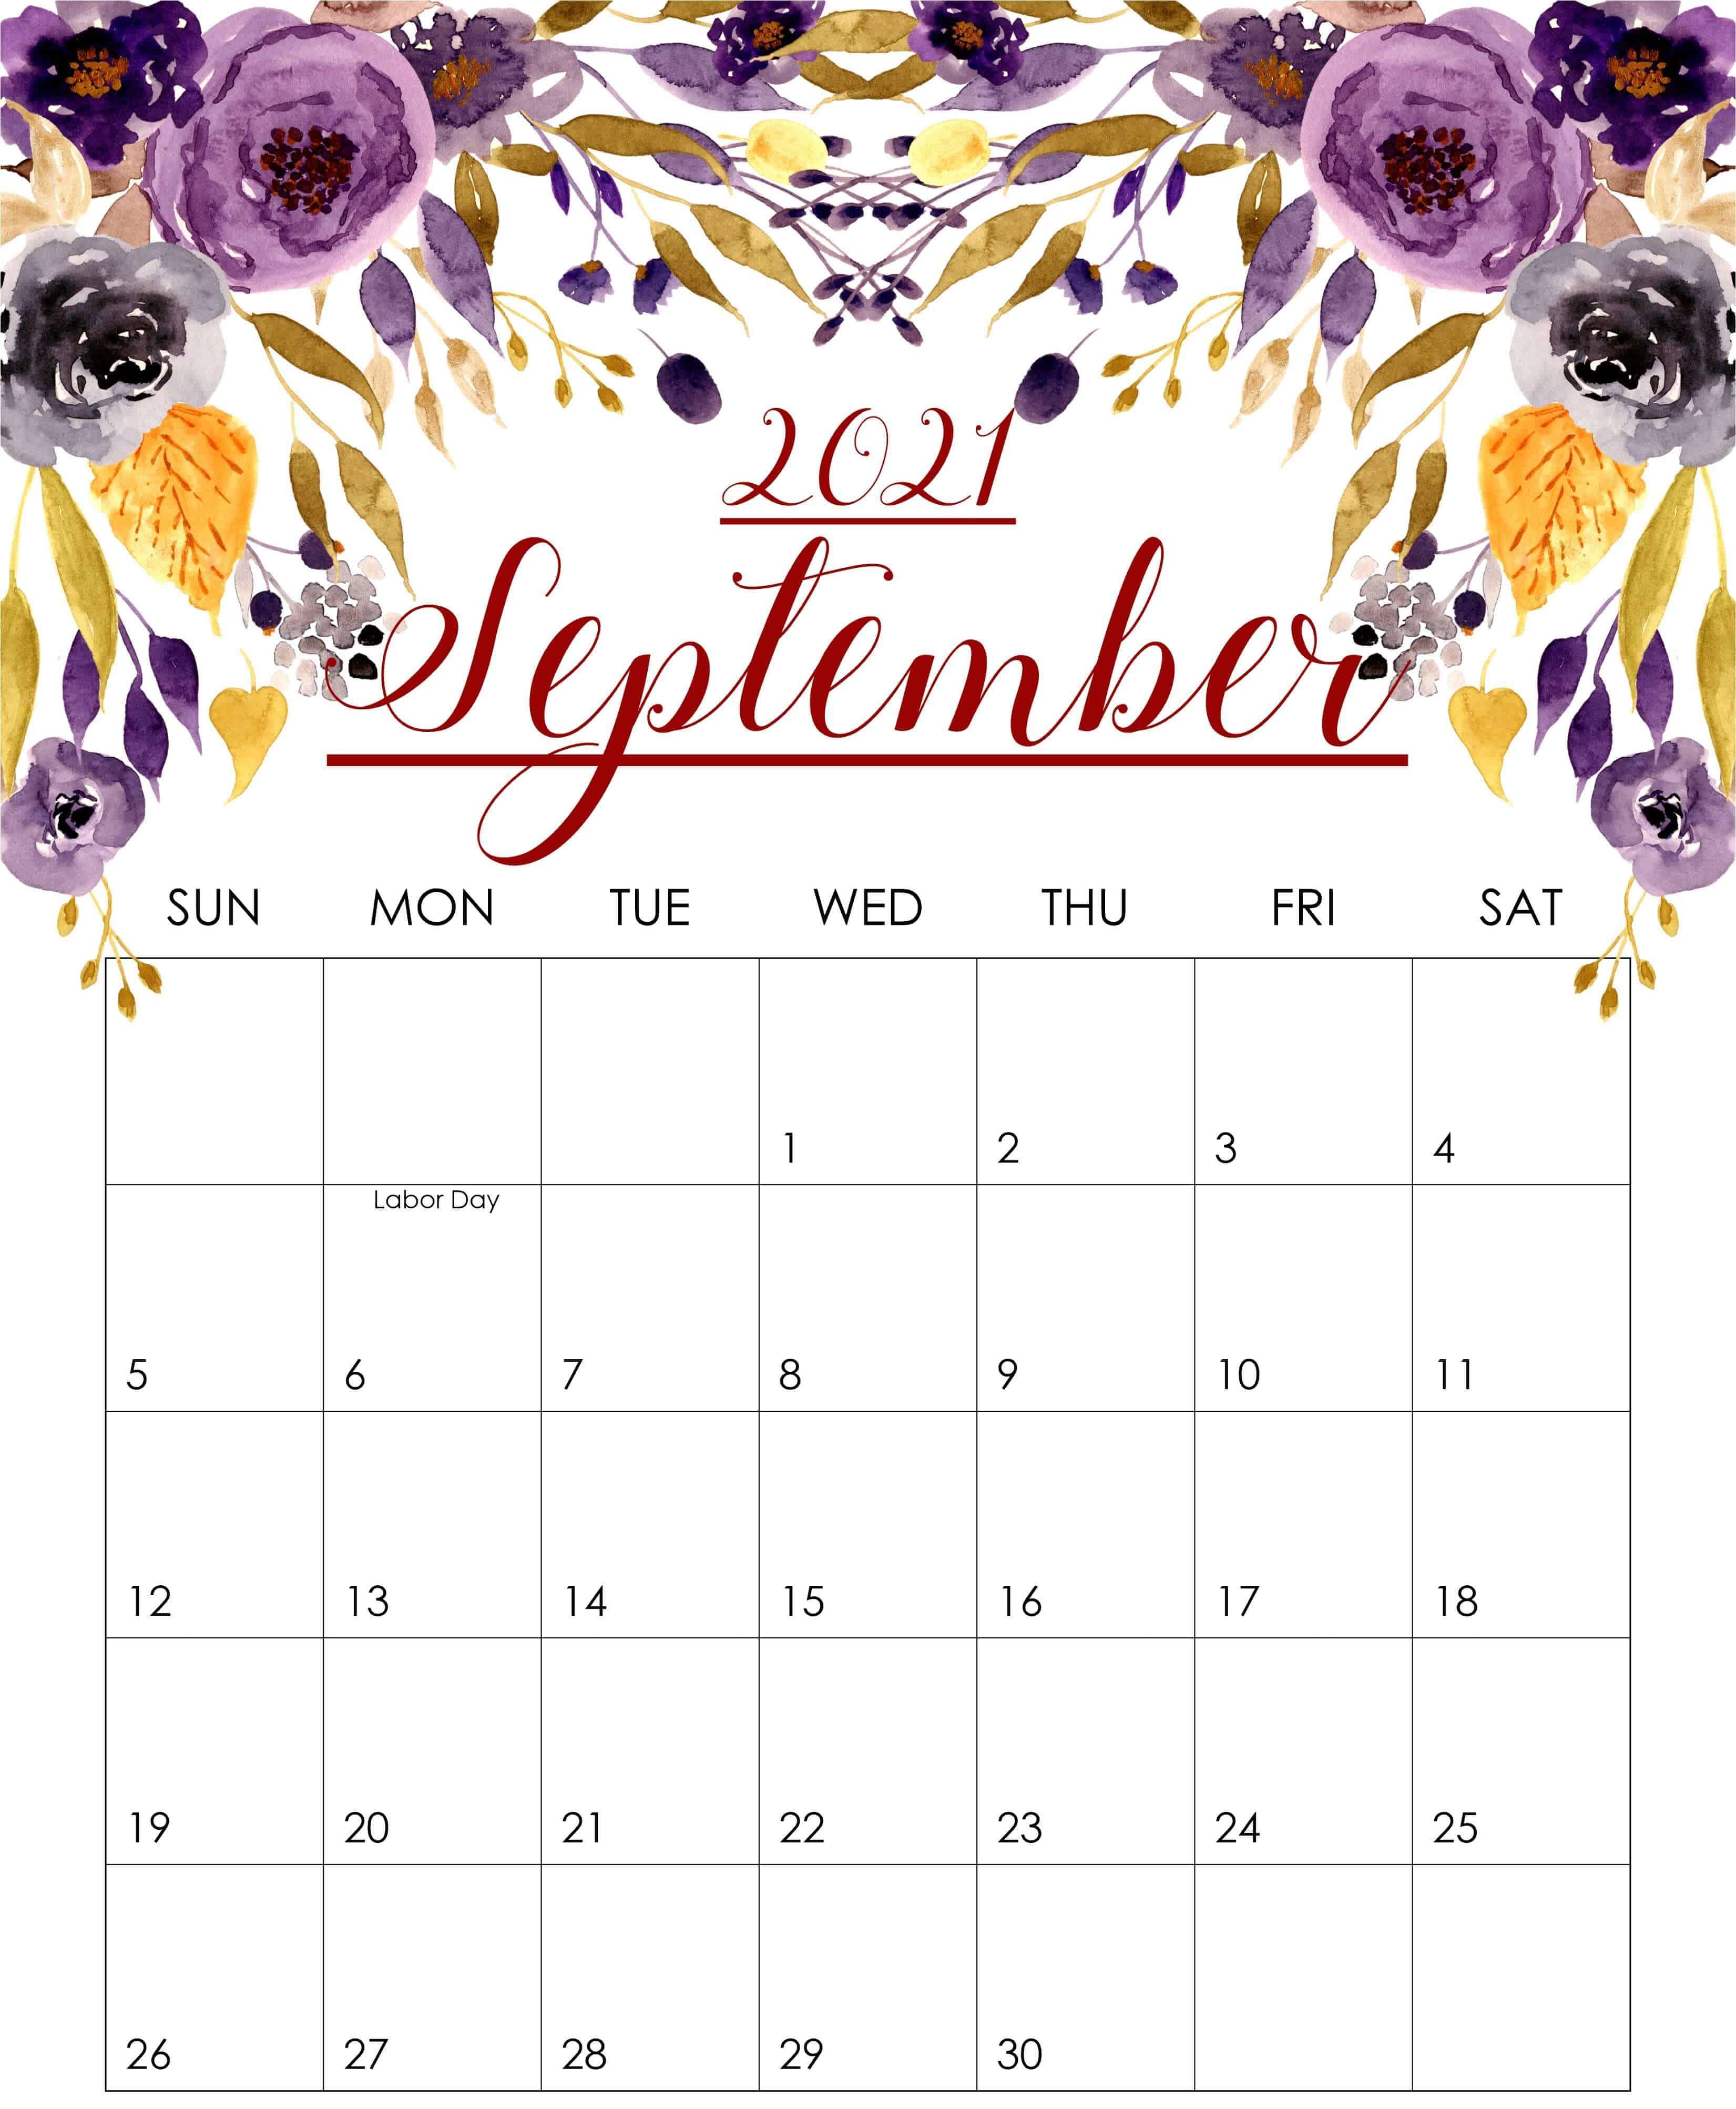 2021 September Floral Wall Calendar